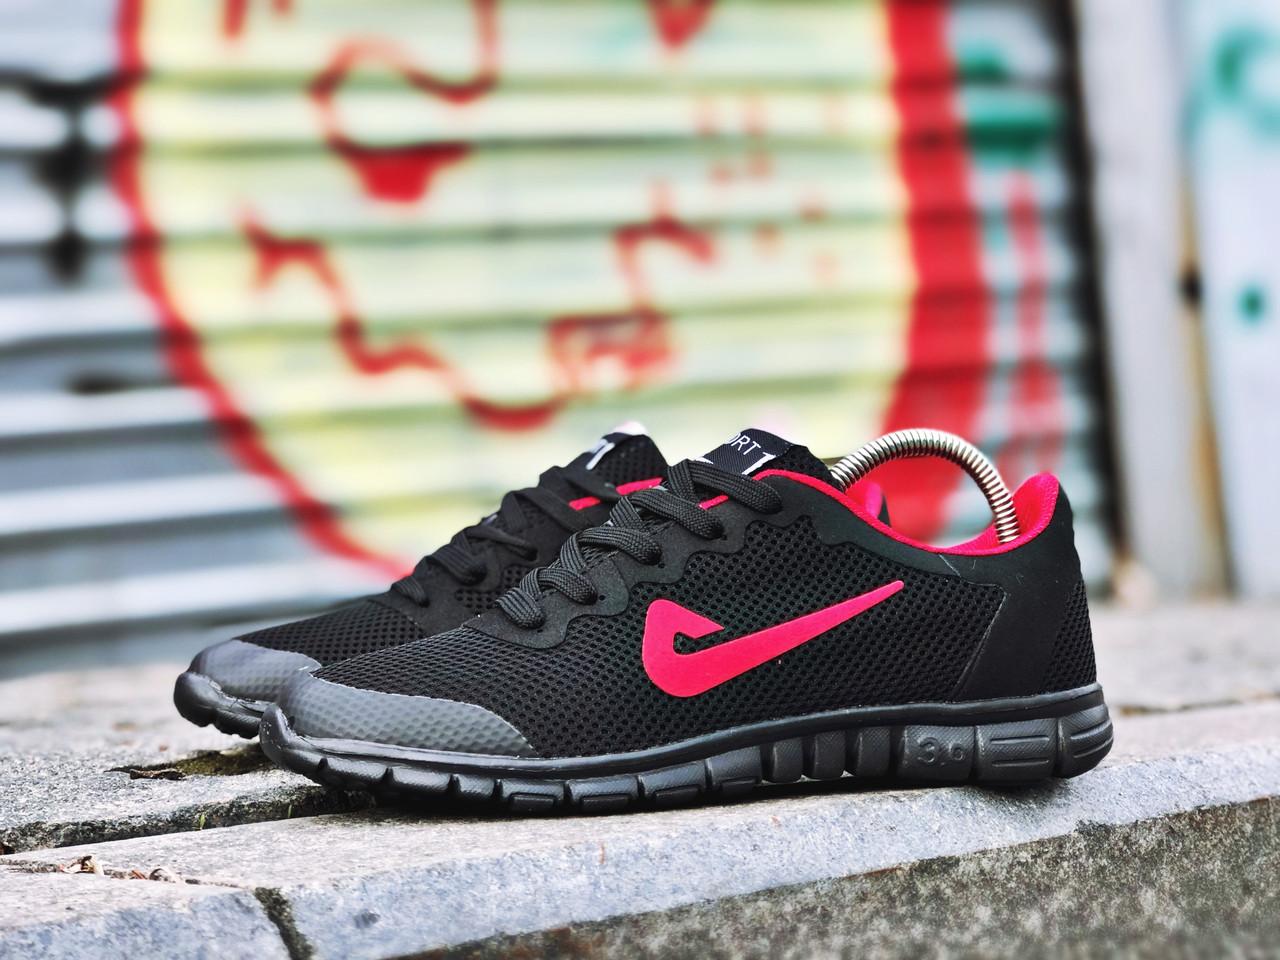 f7ea8051 Мужские Кроссовки Nike Free 3.0 (Китай) — в Категории